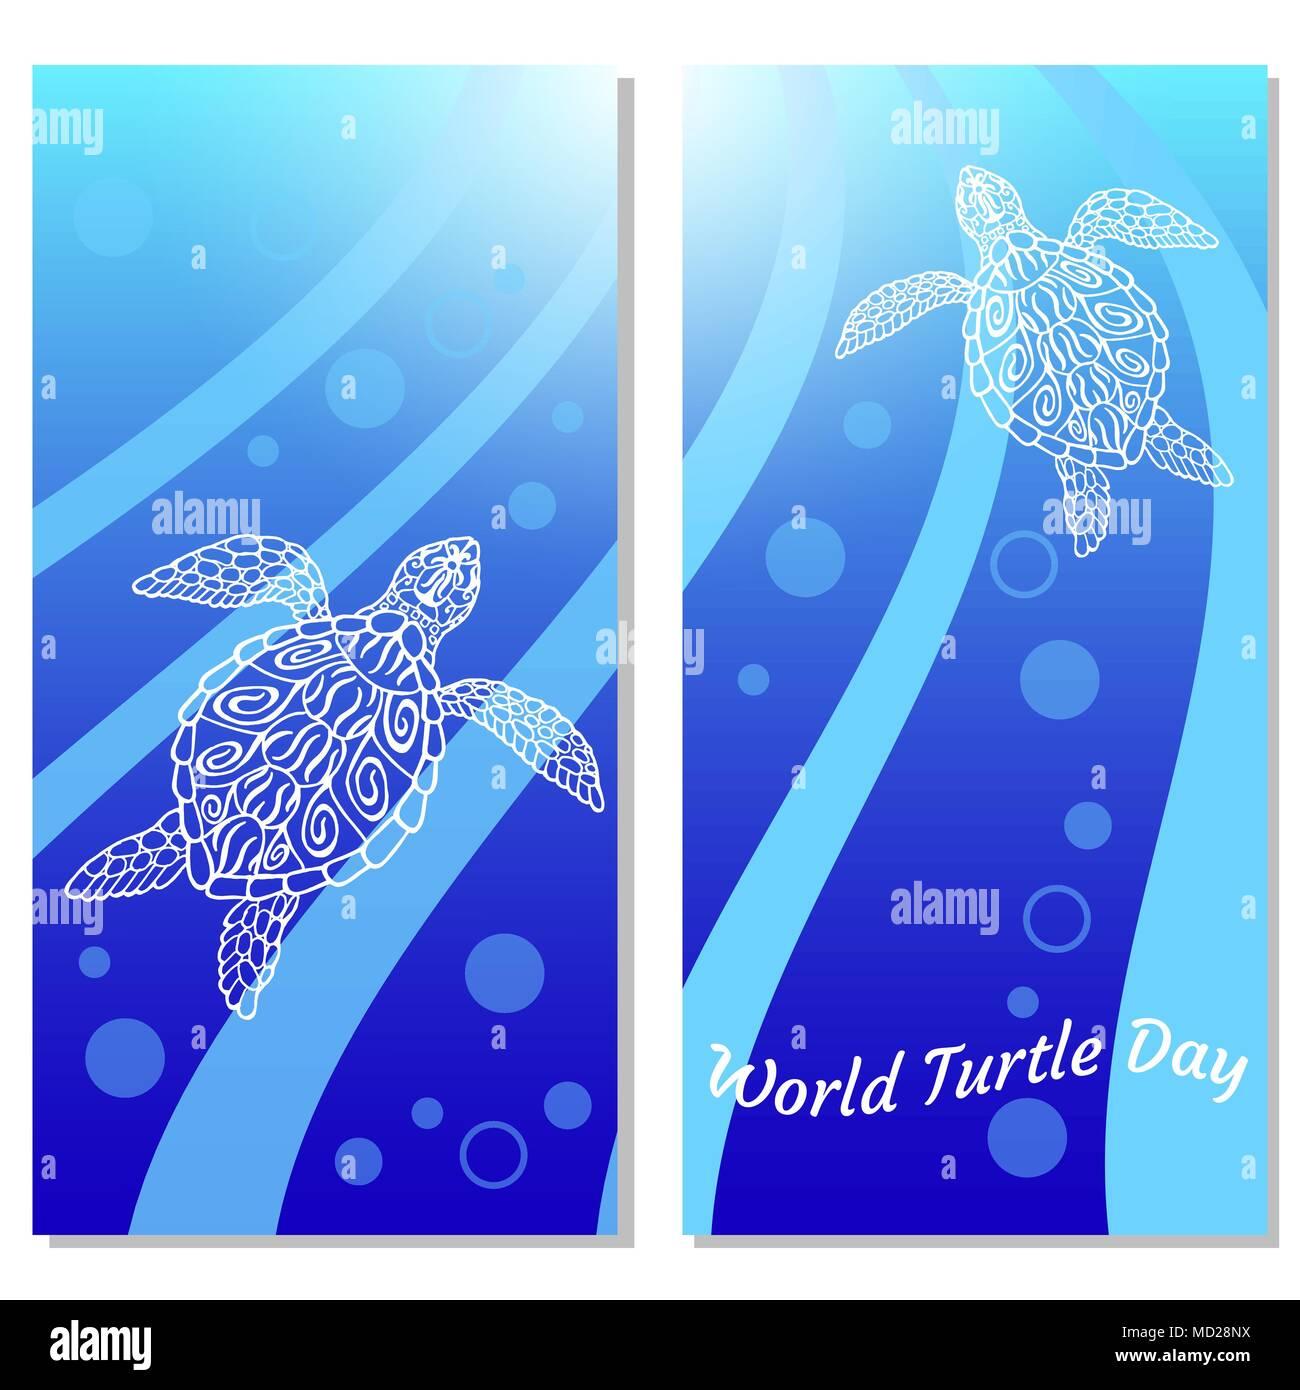 Tortues du monde 24. Les tortues d'eau nager vers le haut. Rayons X, des bulles, de la lumière. Dessin dans un style ethnique les autochtones. Fond bleu. Dépliants pour les participants aux événements. Illustration de Vecteur